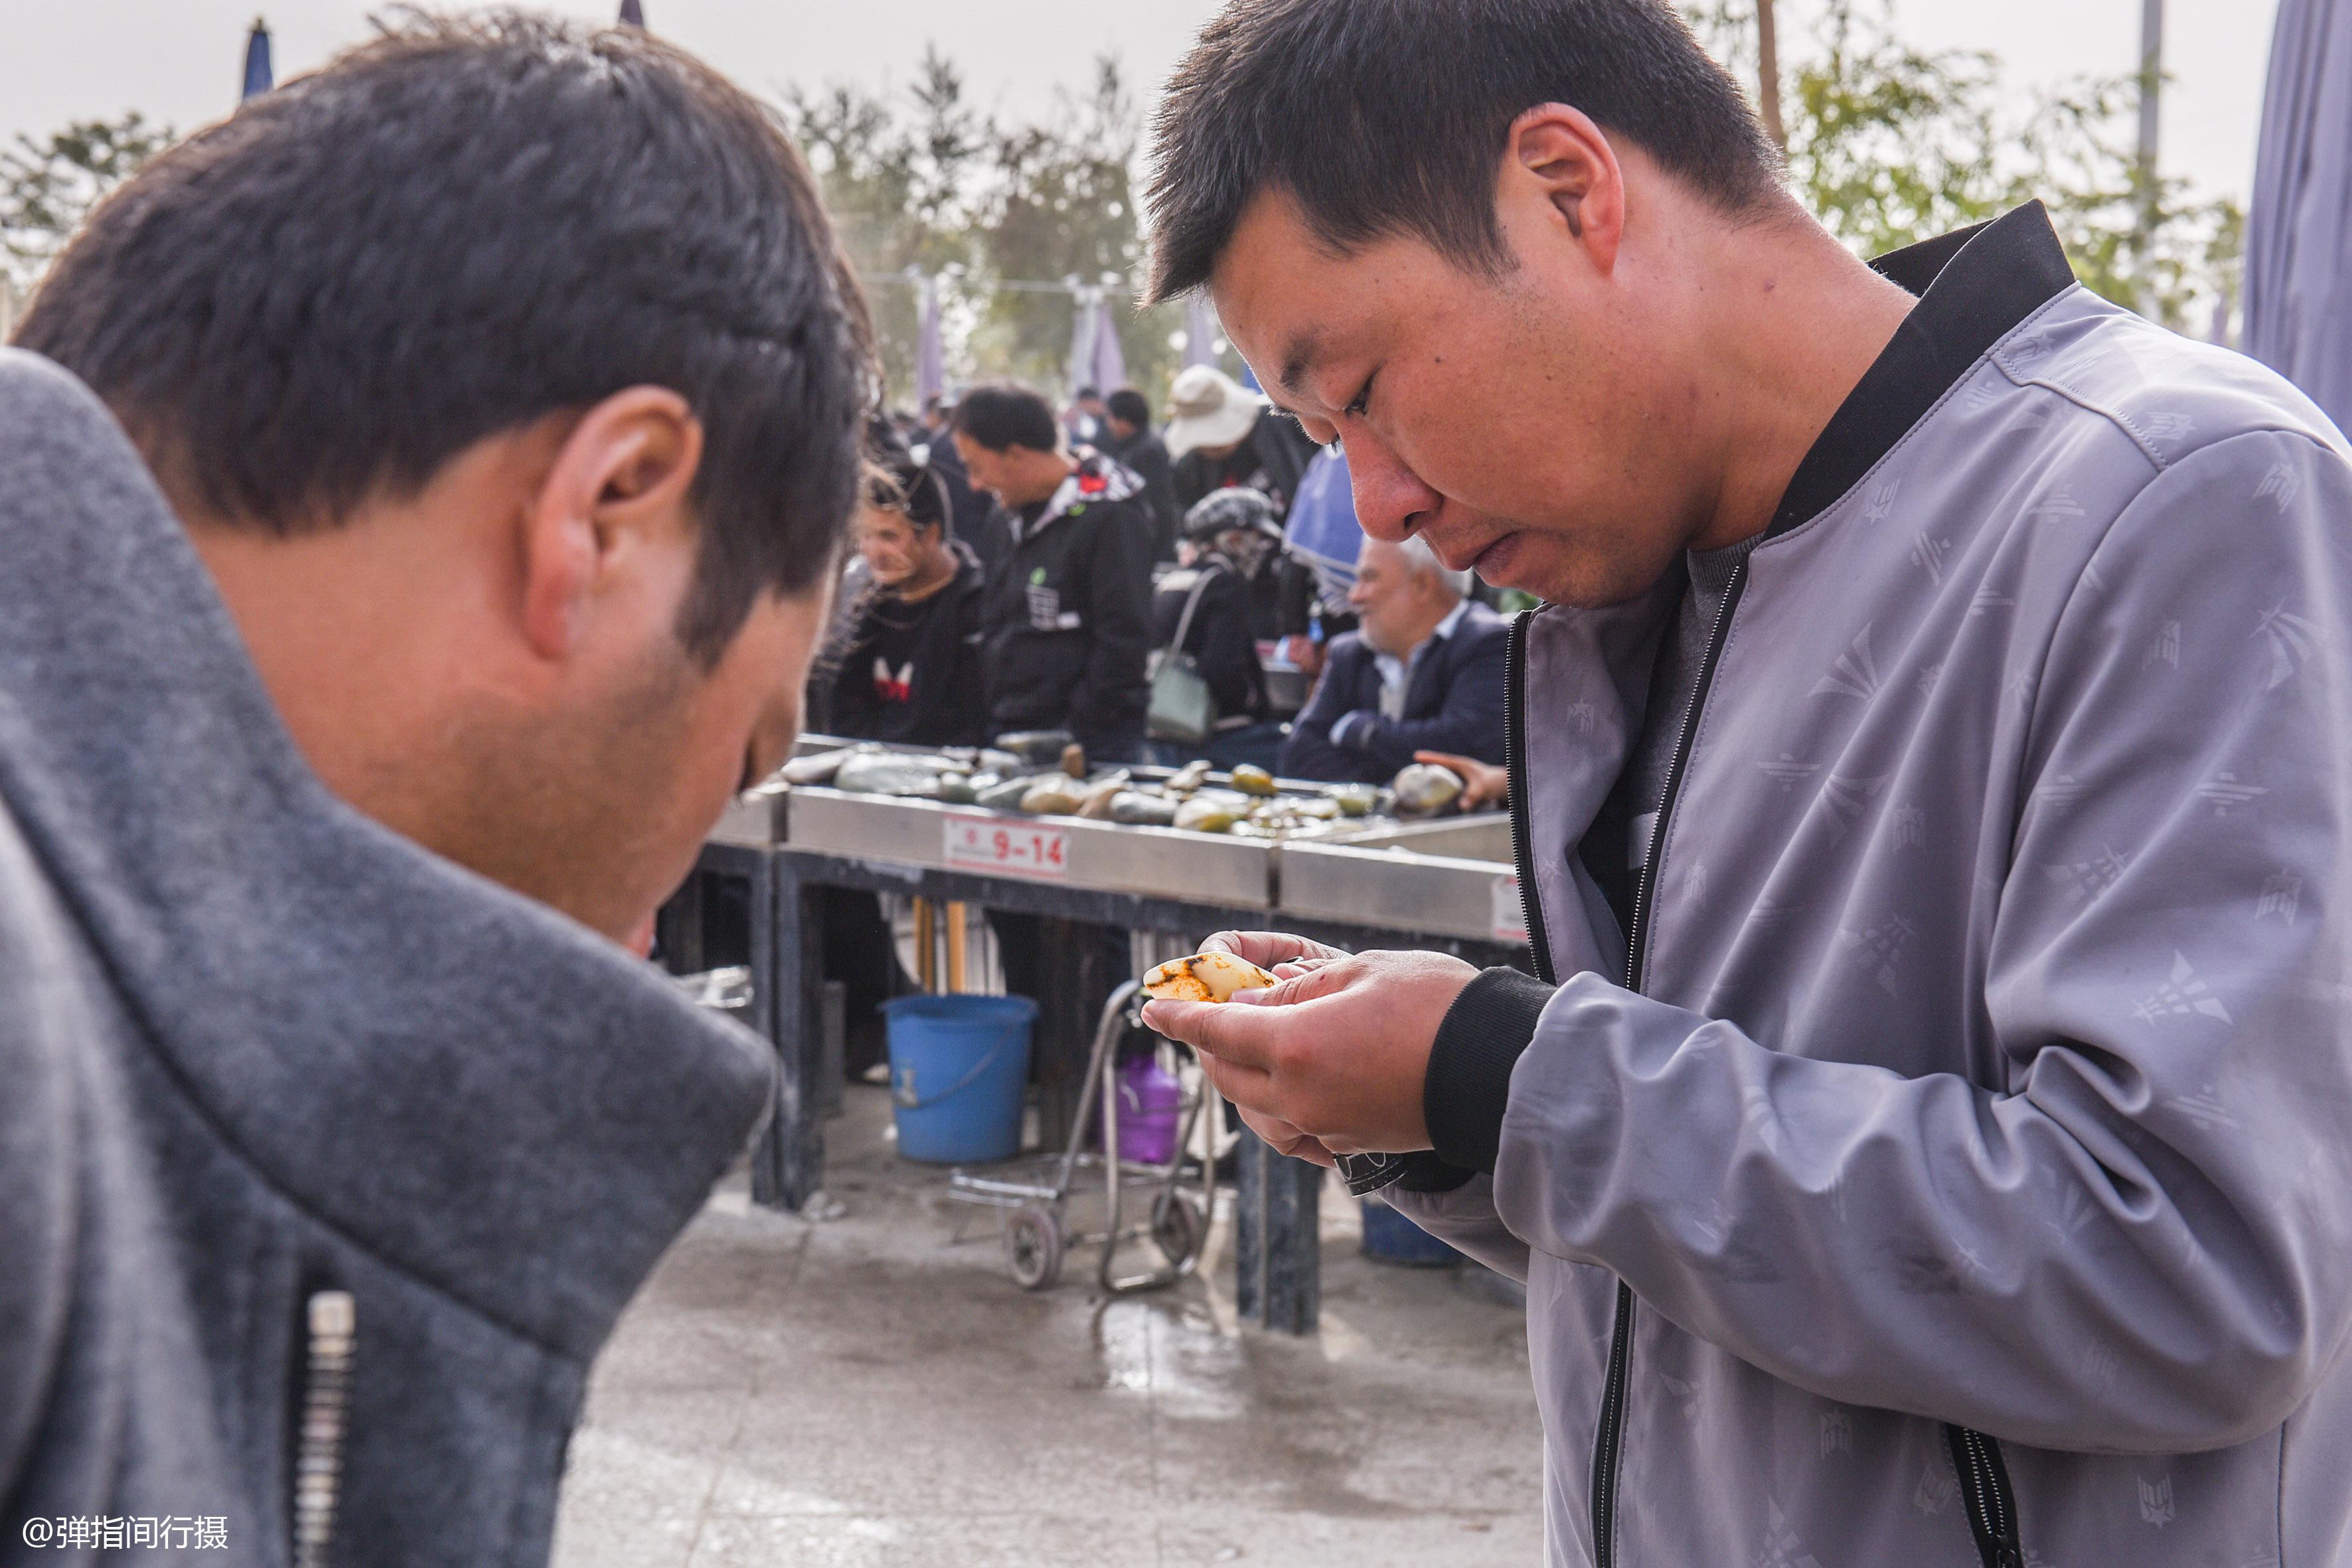 """新疆和田玉石摆摊卖,像""""菜市场""""可讨价,一块开价却高达上千万"""